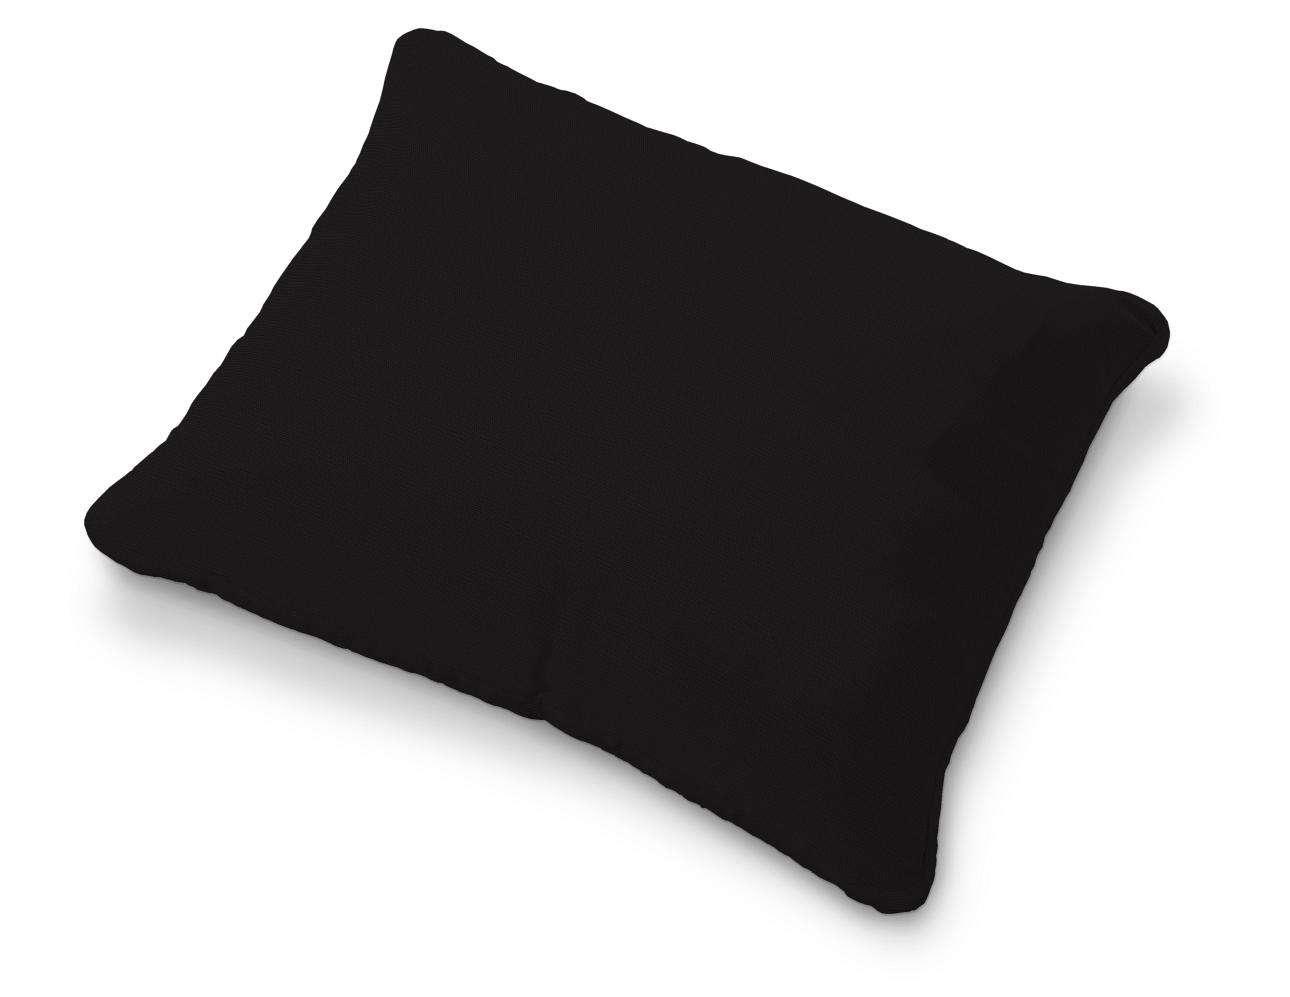 Karlstad pagalvėlės užvalkalas(58 cm x 48 cm) Karlstad pagavėlės užvalkalas 58x48cm kolekcijoje Cotton Panama, audinys: 702-09